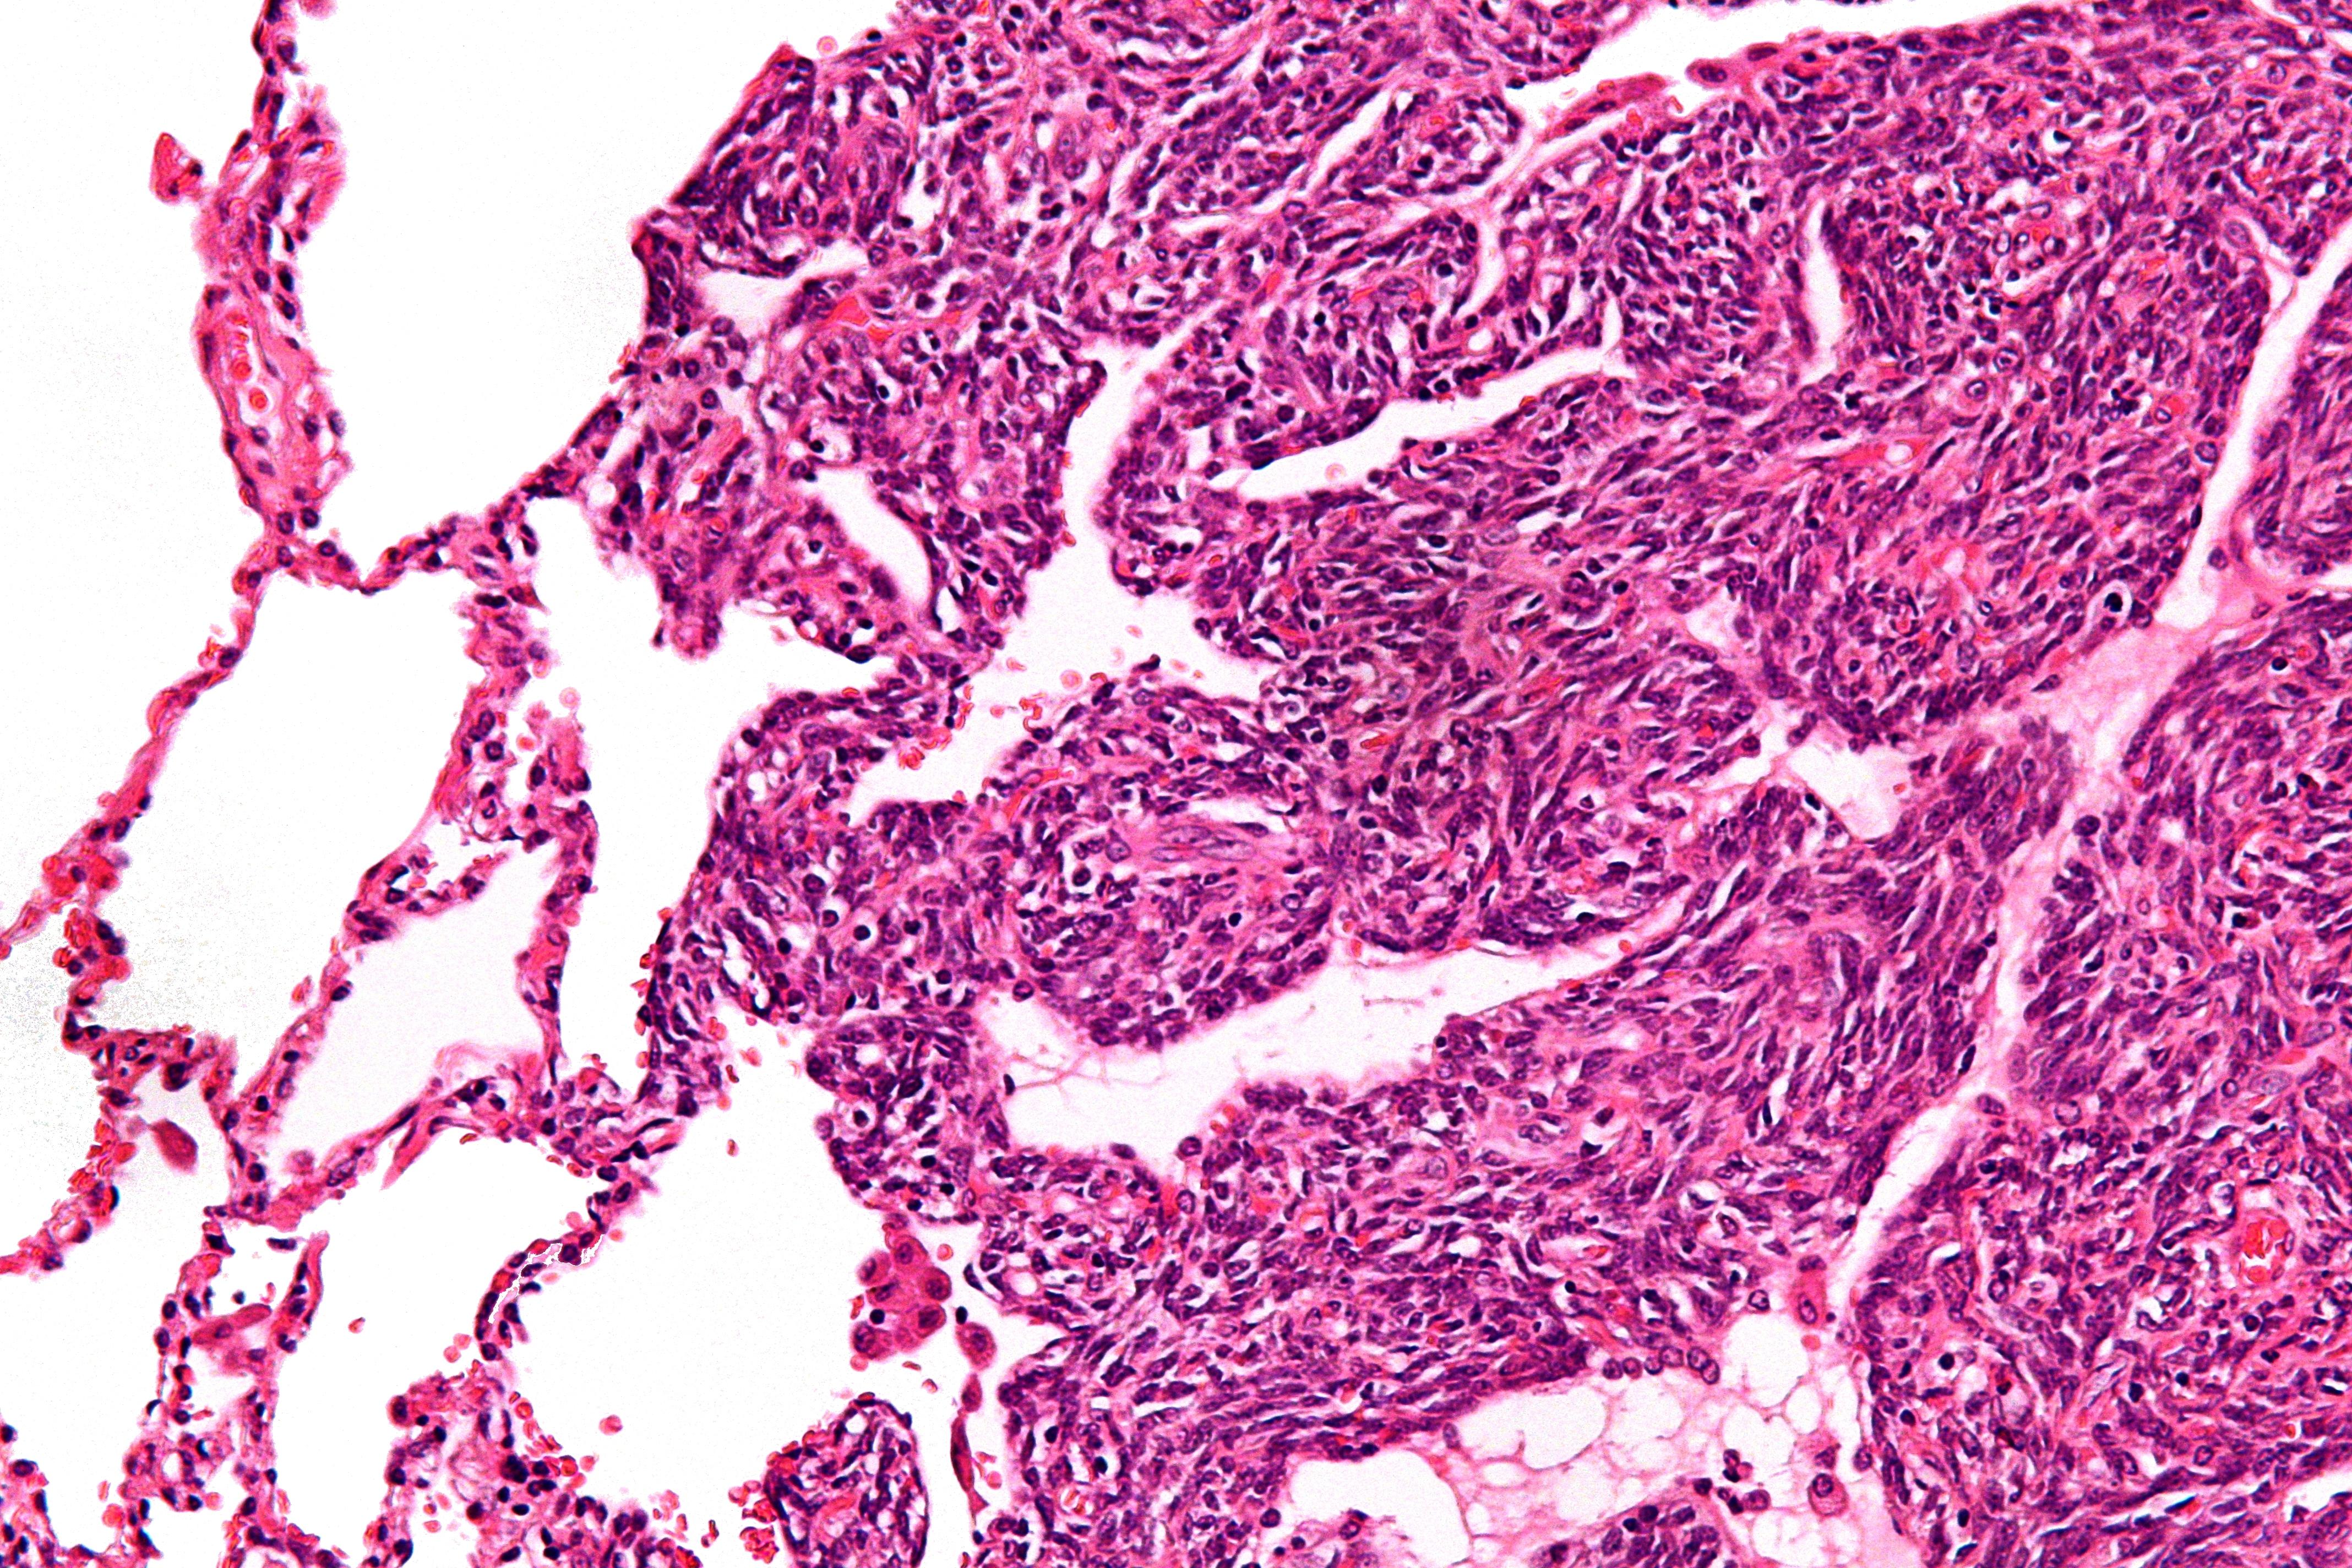 sarcoma cancer hindi papilloma virus definition biology